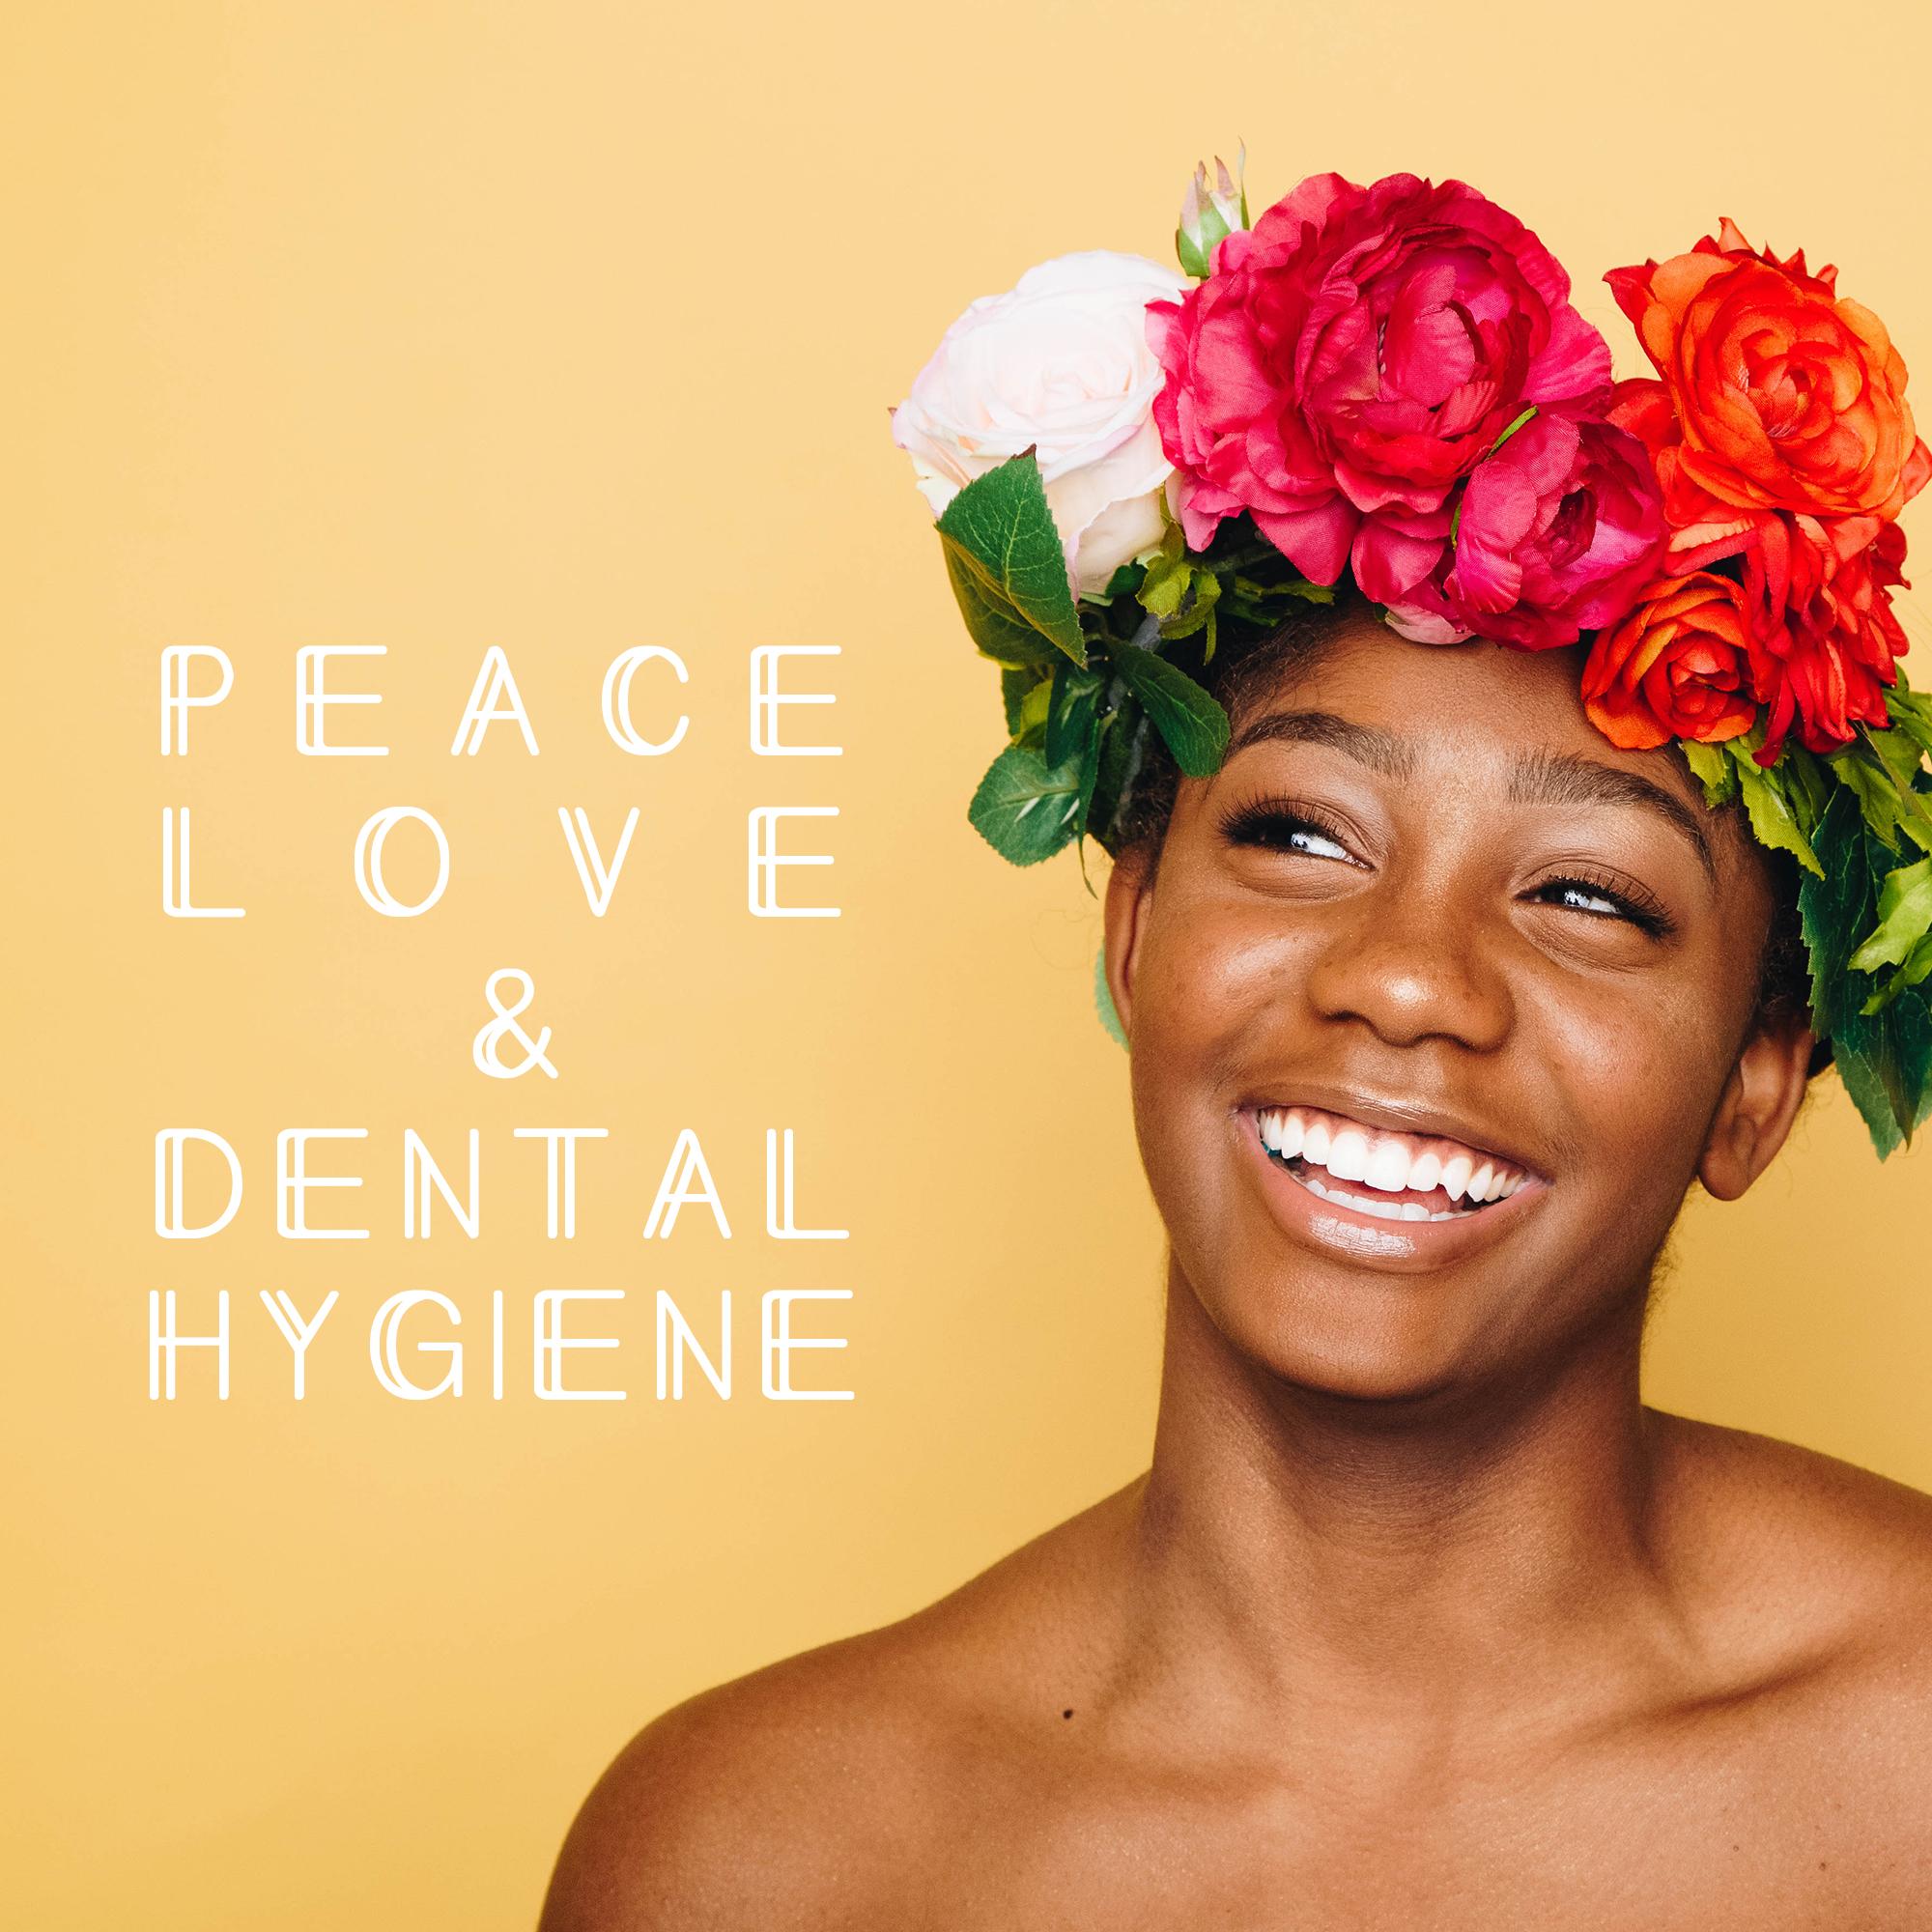 PeaceLove&DentalHygiene.jpg